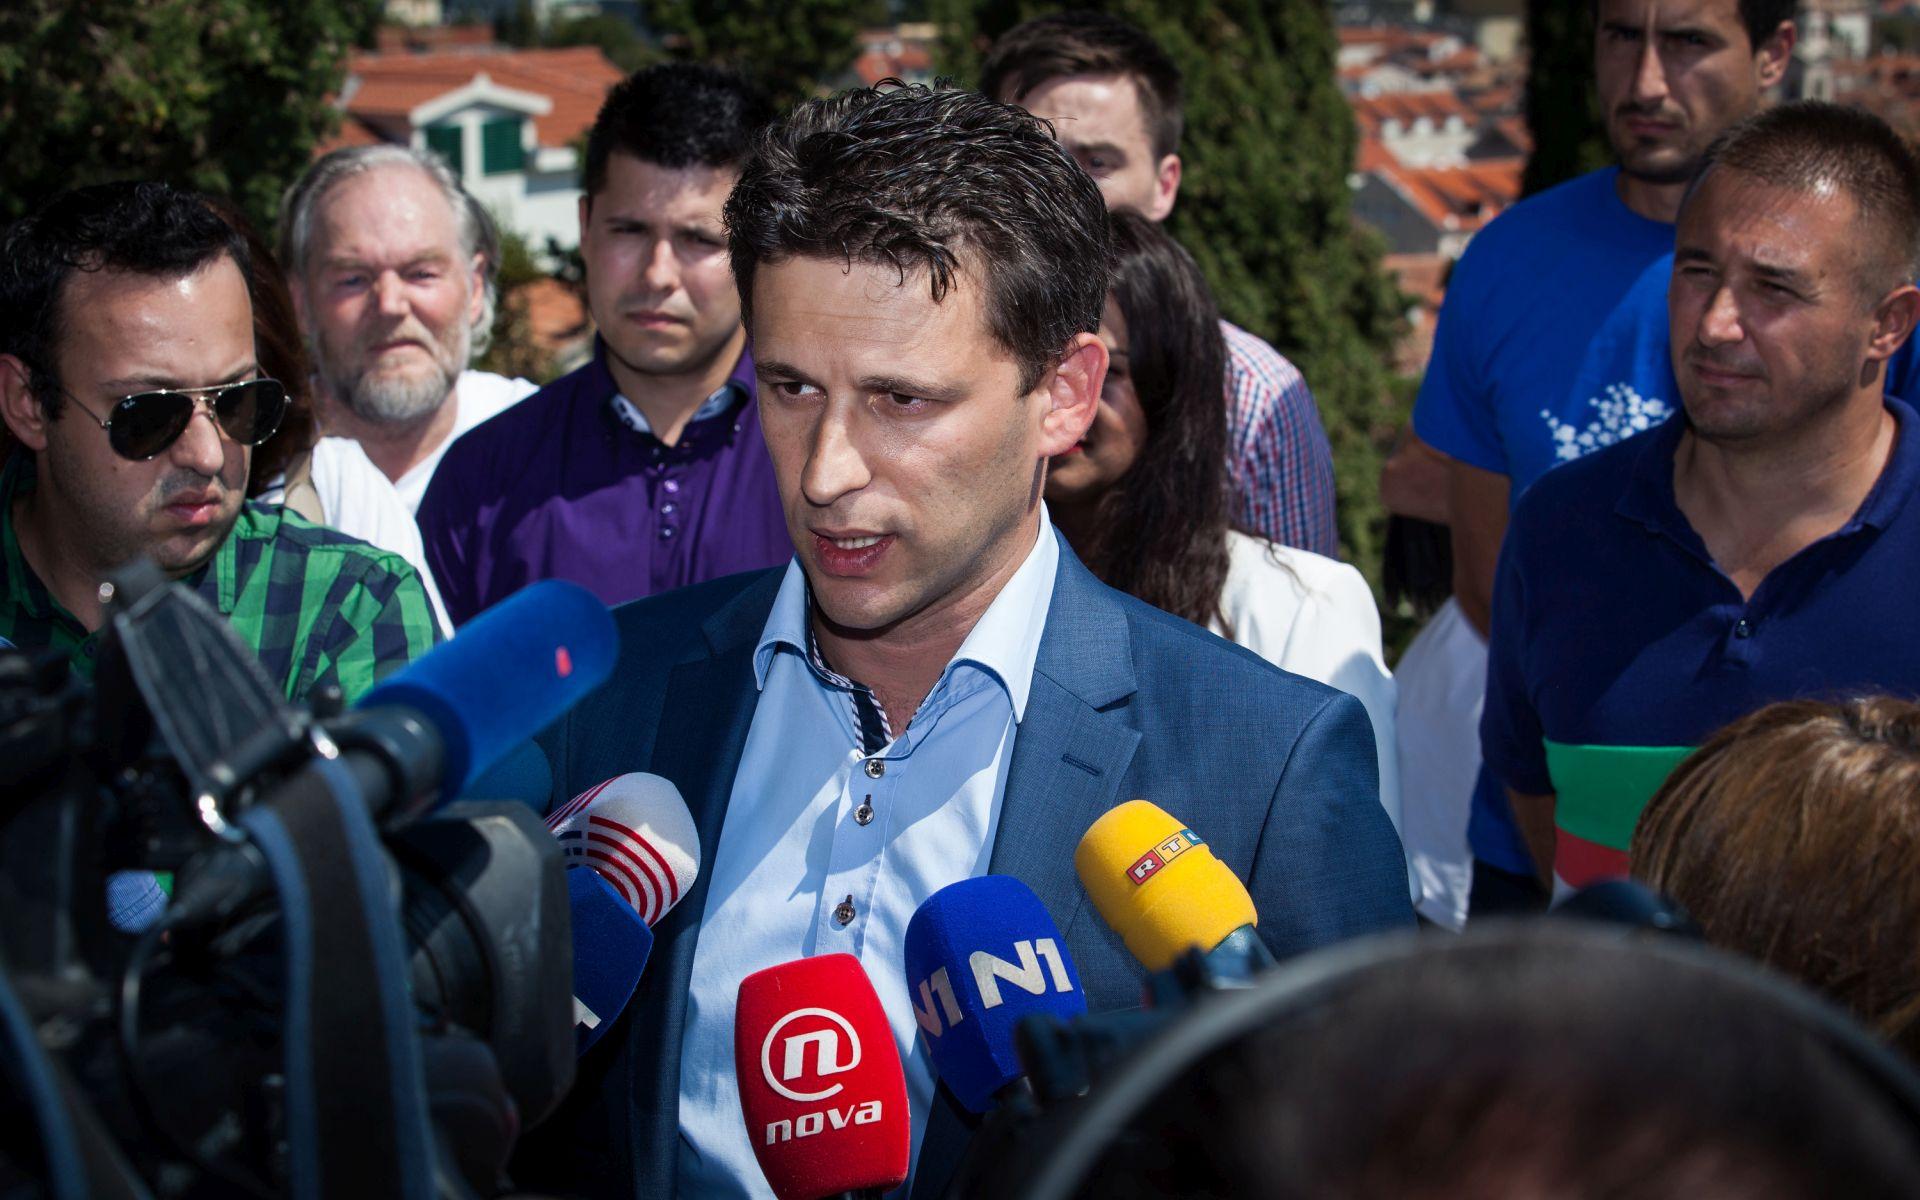 BOŽO PETROV: 'Srbija se treba zapitati gdje je i što je radila'